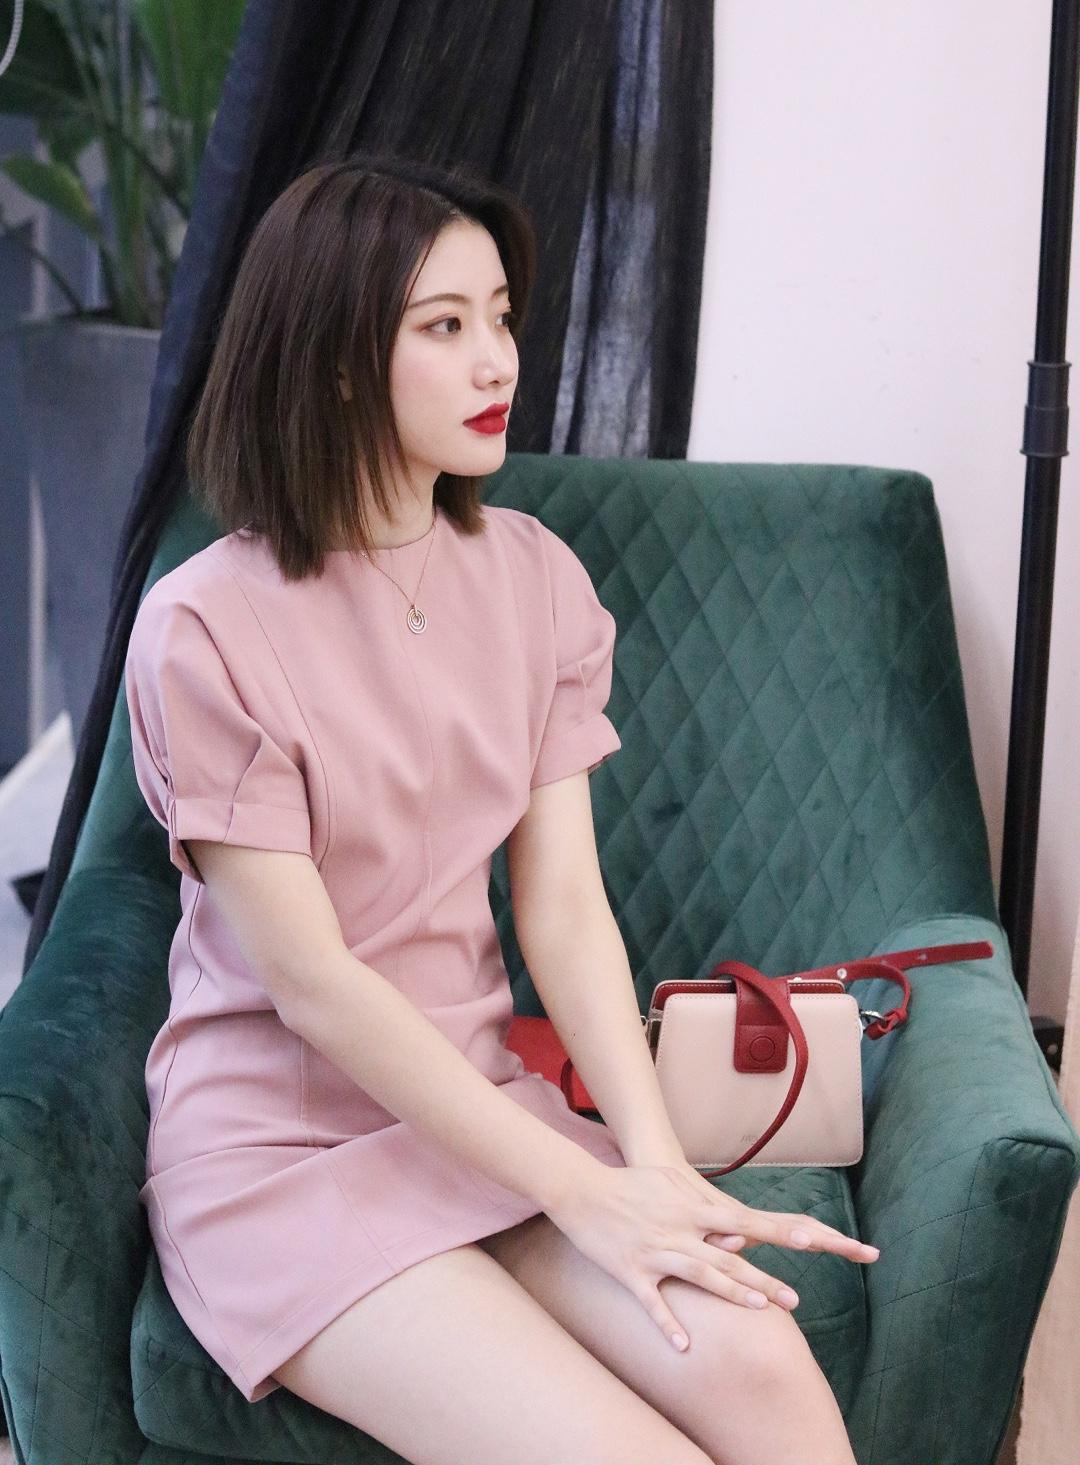 少女感满满的一套搭配,粉色连衣裙+粉色小包包,乍一眼看上去真心很美,连衣裙圆领设计,尽显迷人的颈线,性感女人范立显,更加时髦好看,泡泡袖元素增添了甜美的气息,腰身收腰设计,如果有小肚腩的姑娘也能起来显瘦的效果~ #蘑菇街新品测评#